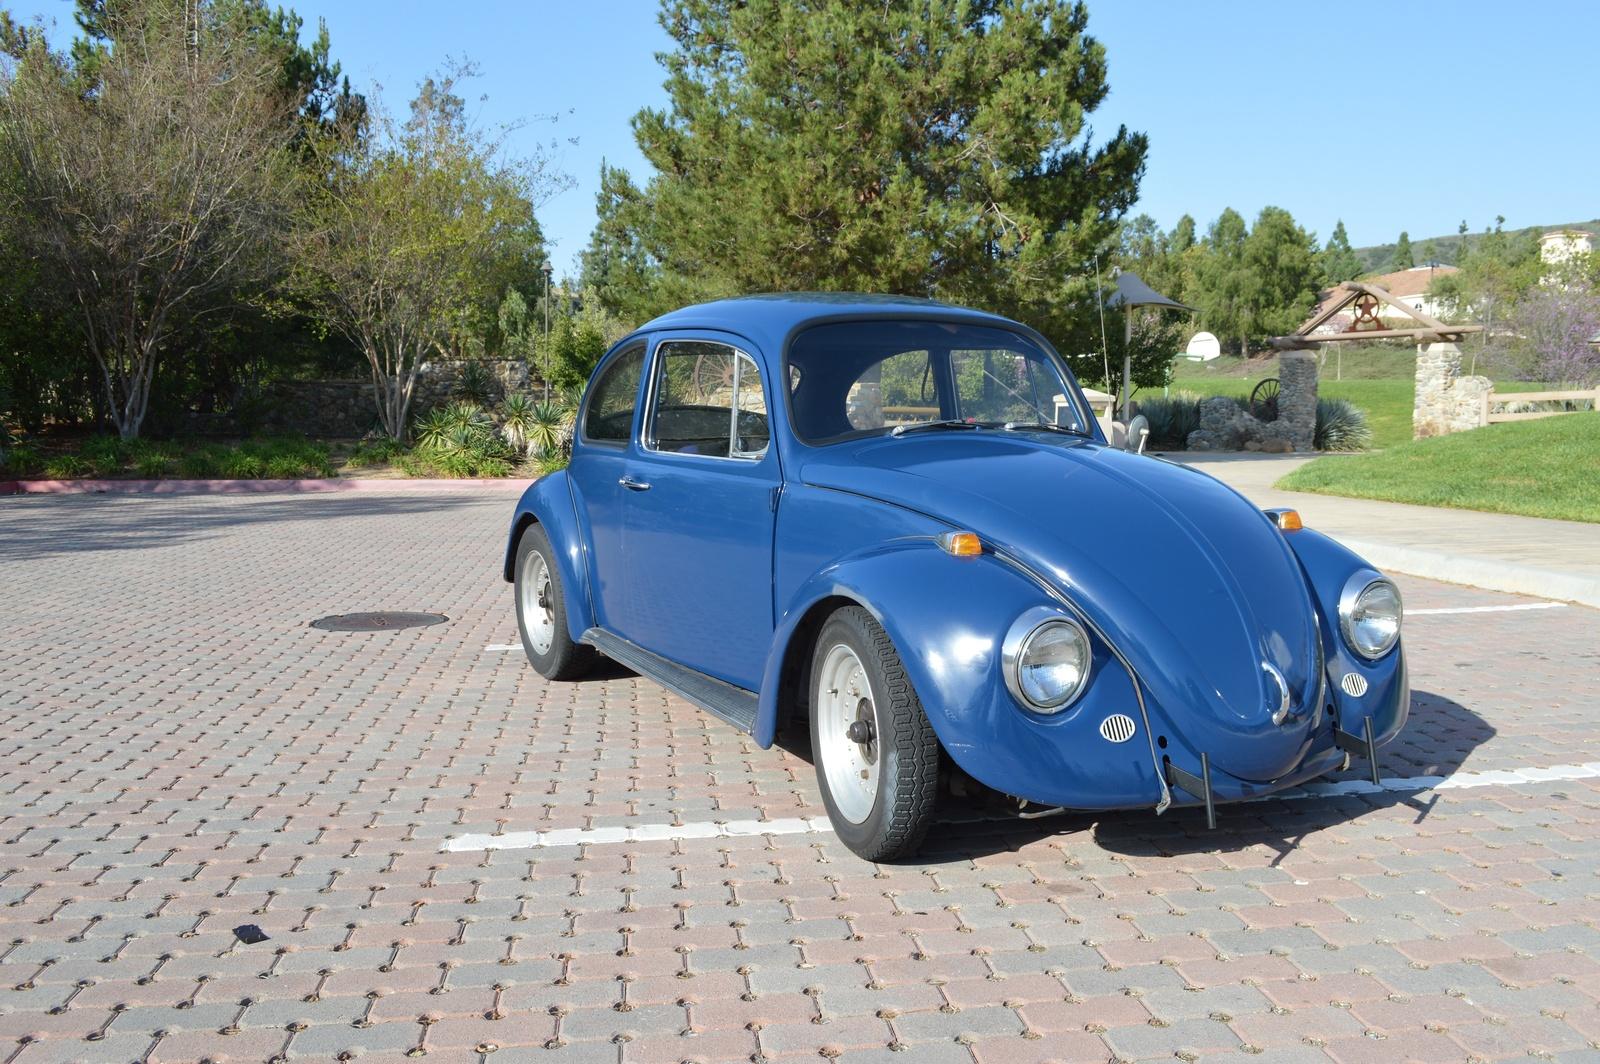 1967_volkswagen_beetle-pic-7065015638012029795.jpeg&f=1&nofb=1